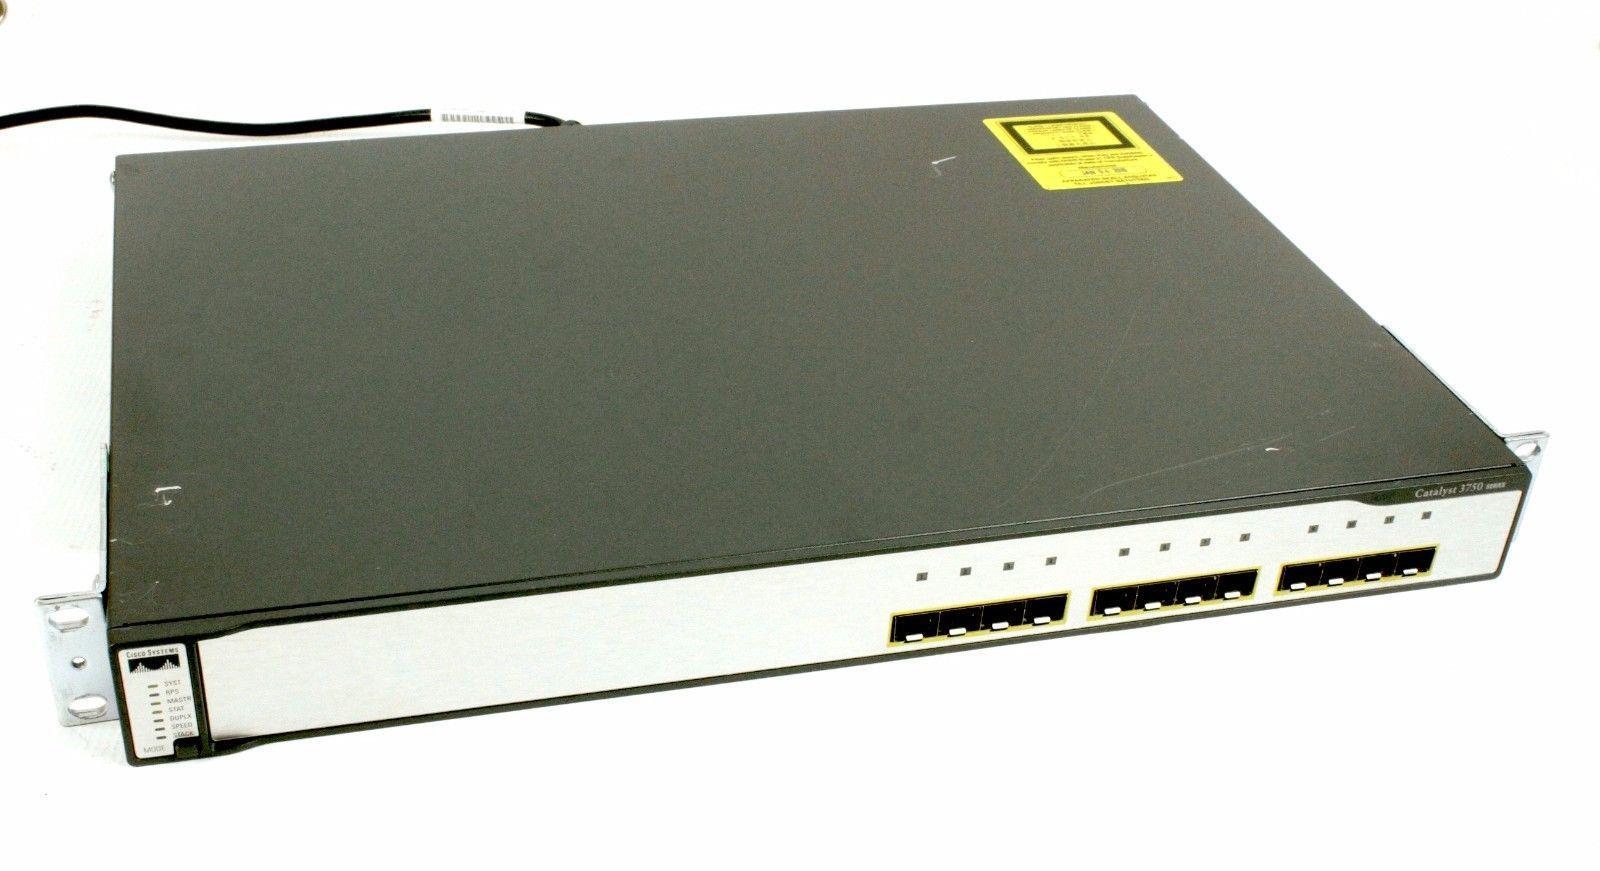 Cisco Catalyst WS-3750G-12S-S Managed 12 Port Gigabit